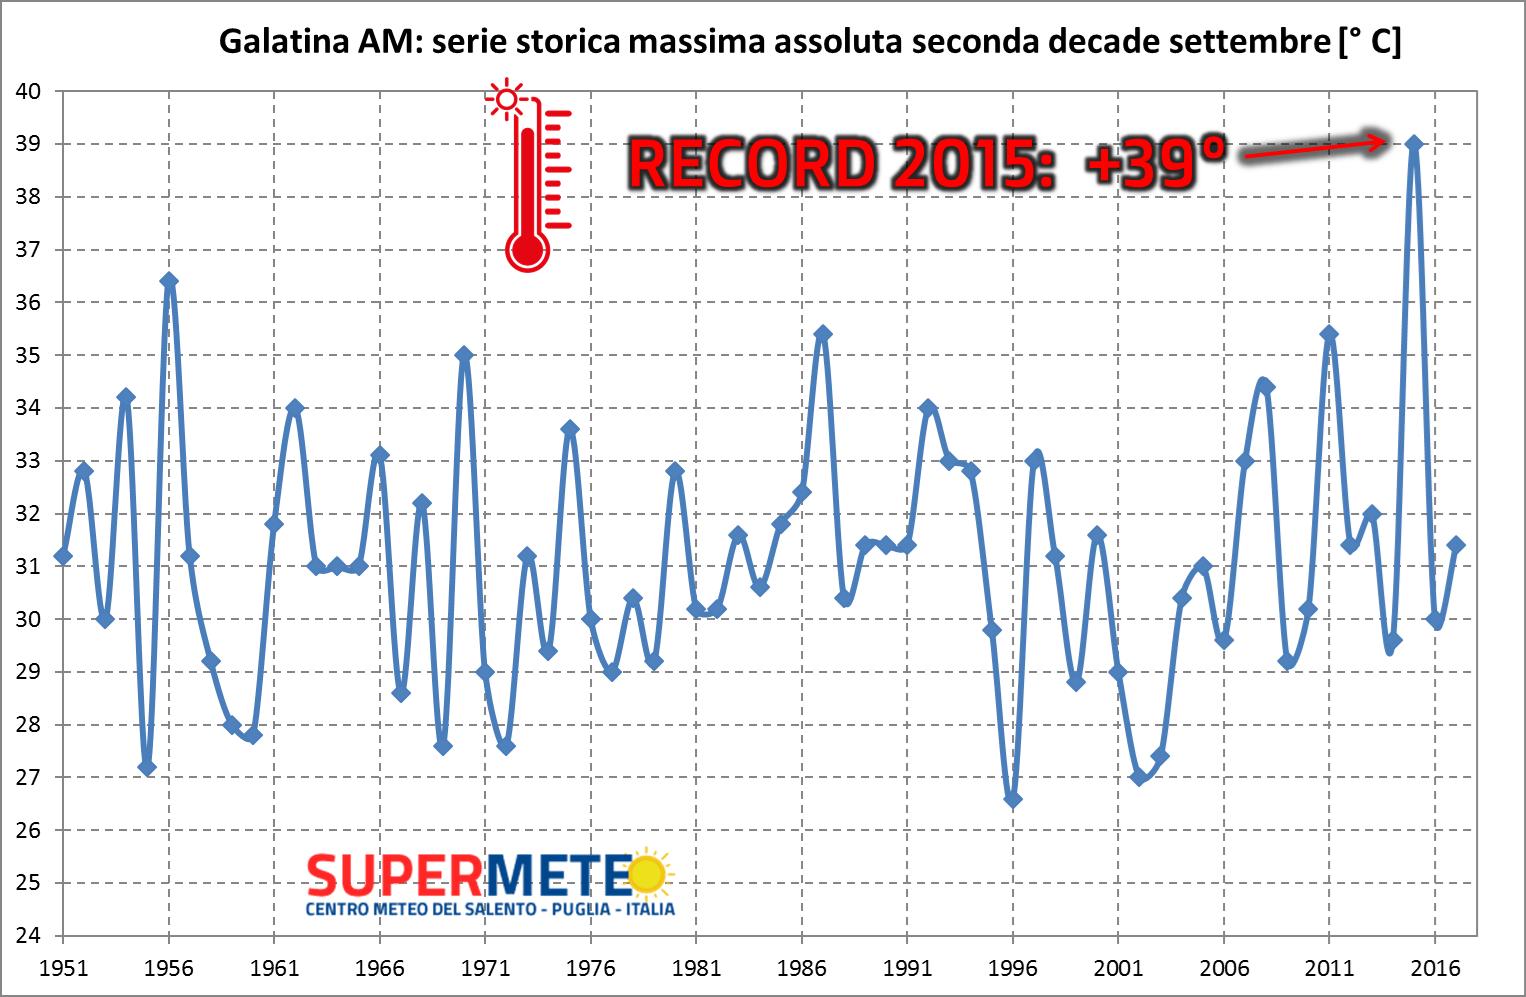 L'onda di calore record del 18 settembre 2015